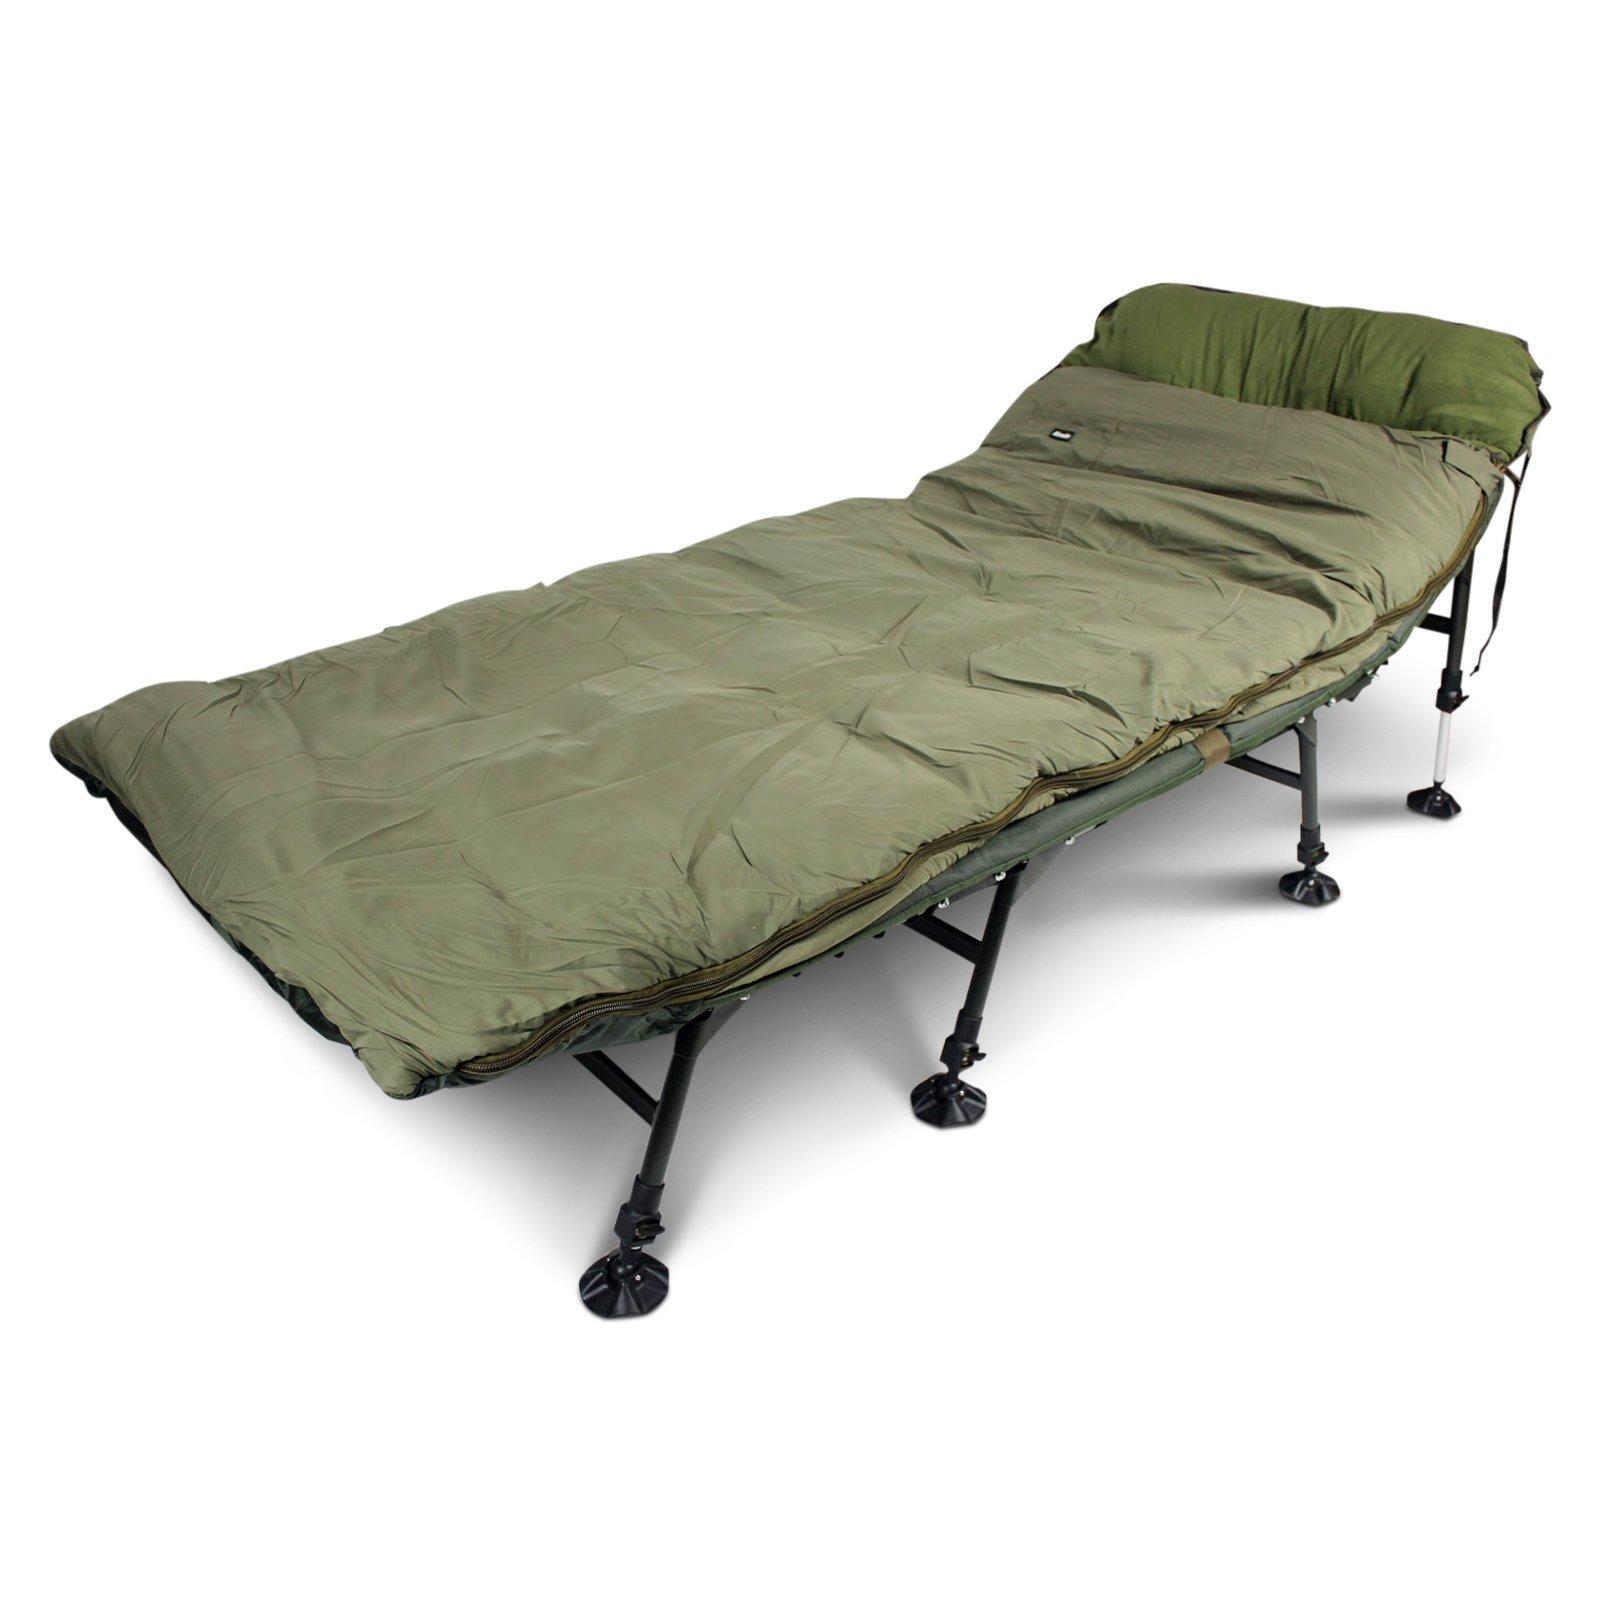 ABODE® AirtexxTM Saco de Dormir para Pesca de Carpas, 5 Estaciones, Relleno Hueco, Doble Concha: Amazon.es: Deportes y aire libre